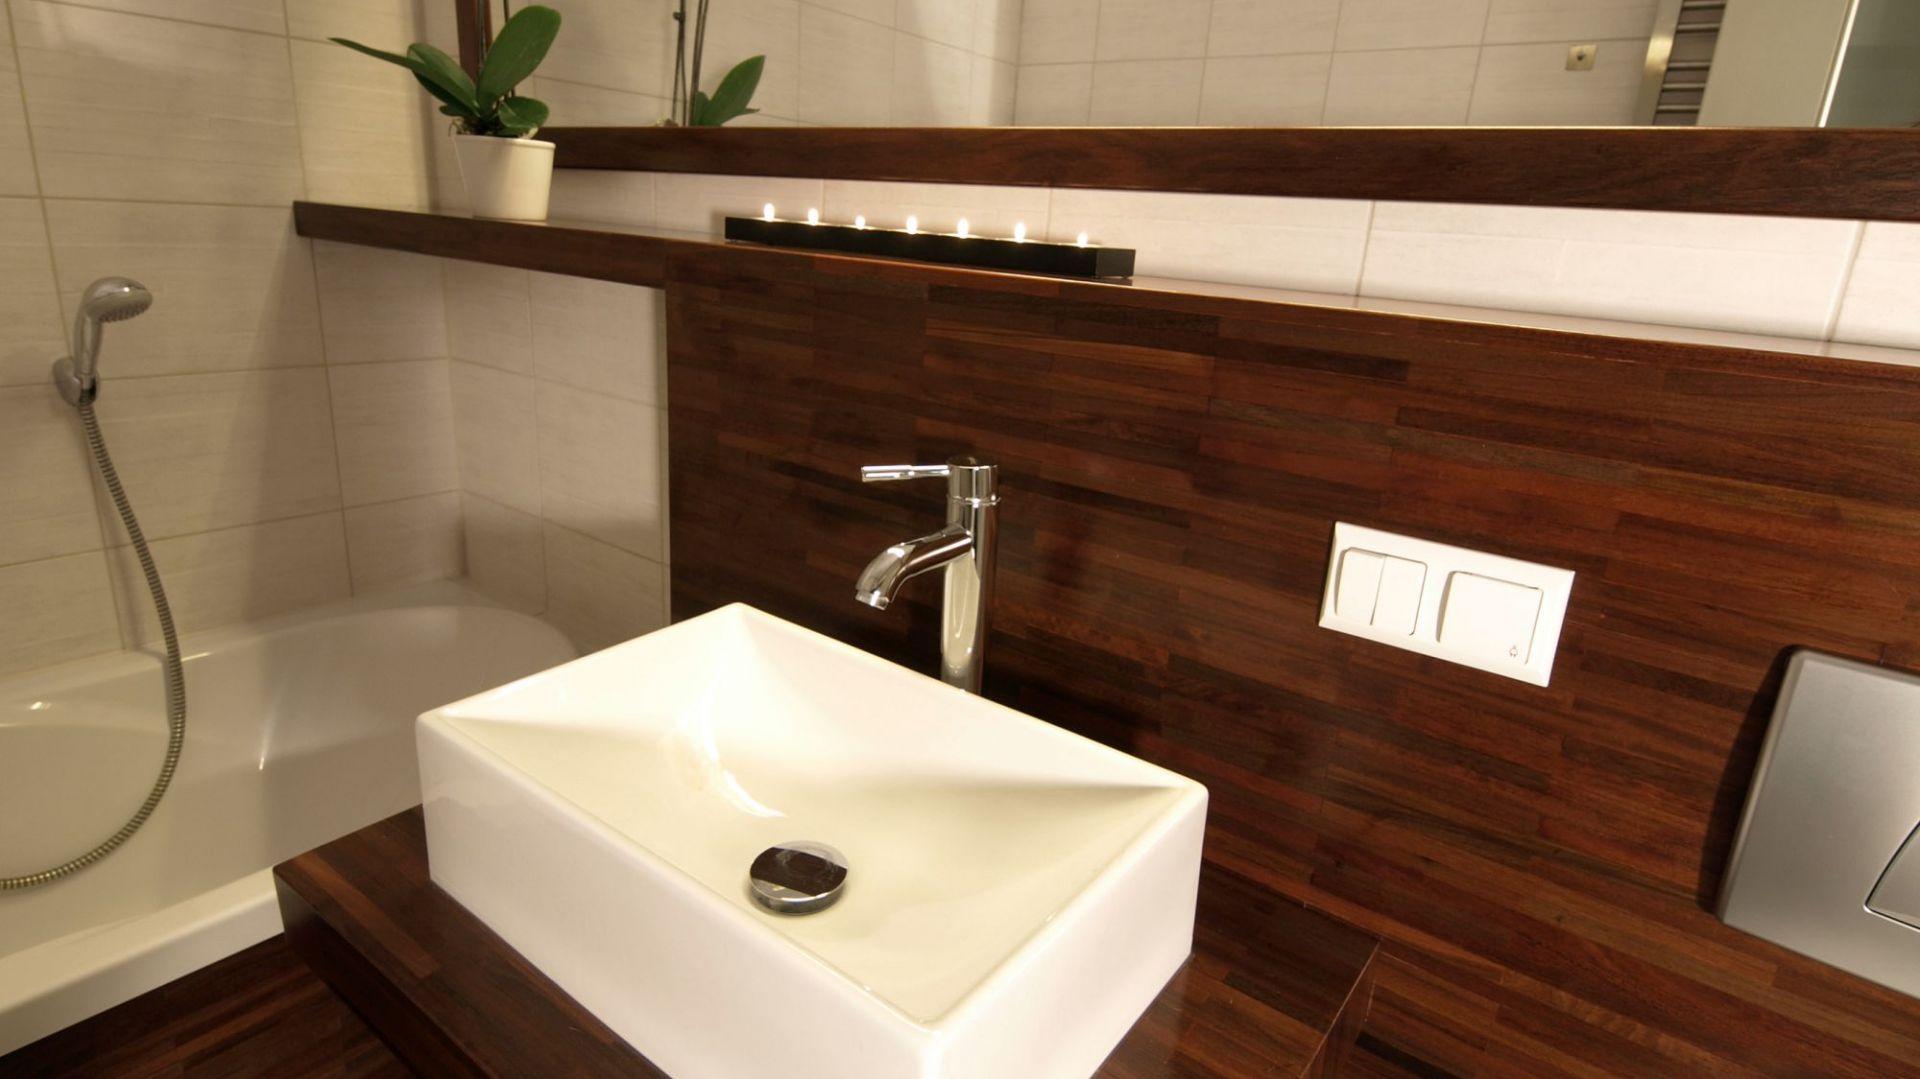 Drewniane Blaty Do Kuchni I łazienki Radzimy Jak Je Wybrać